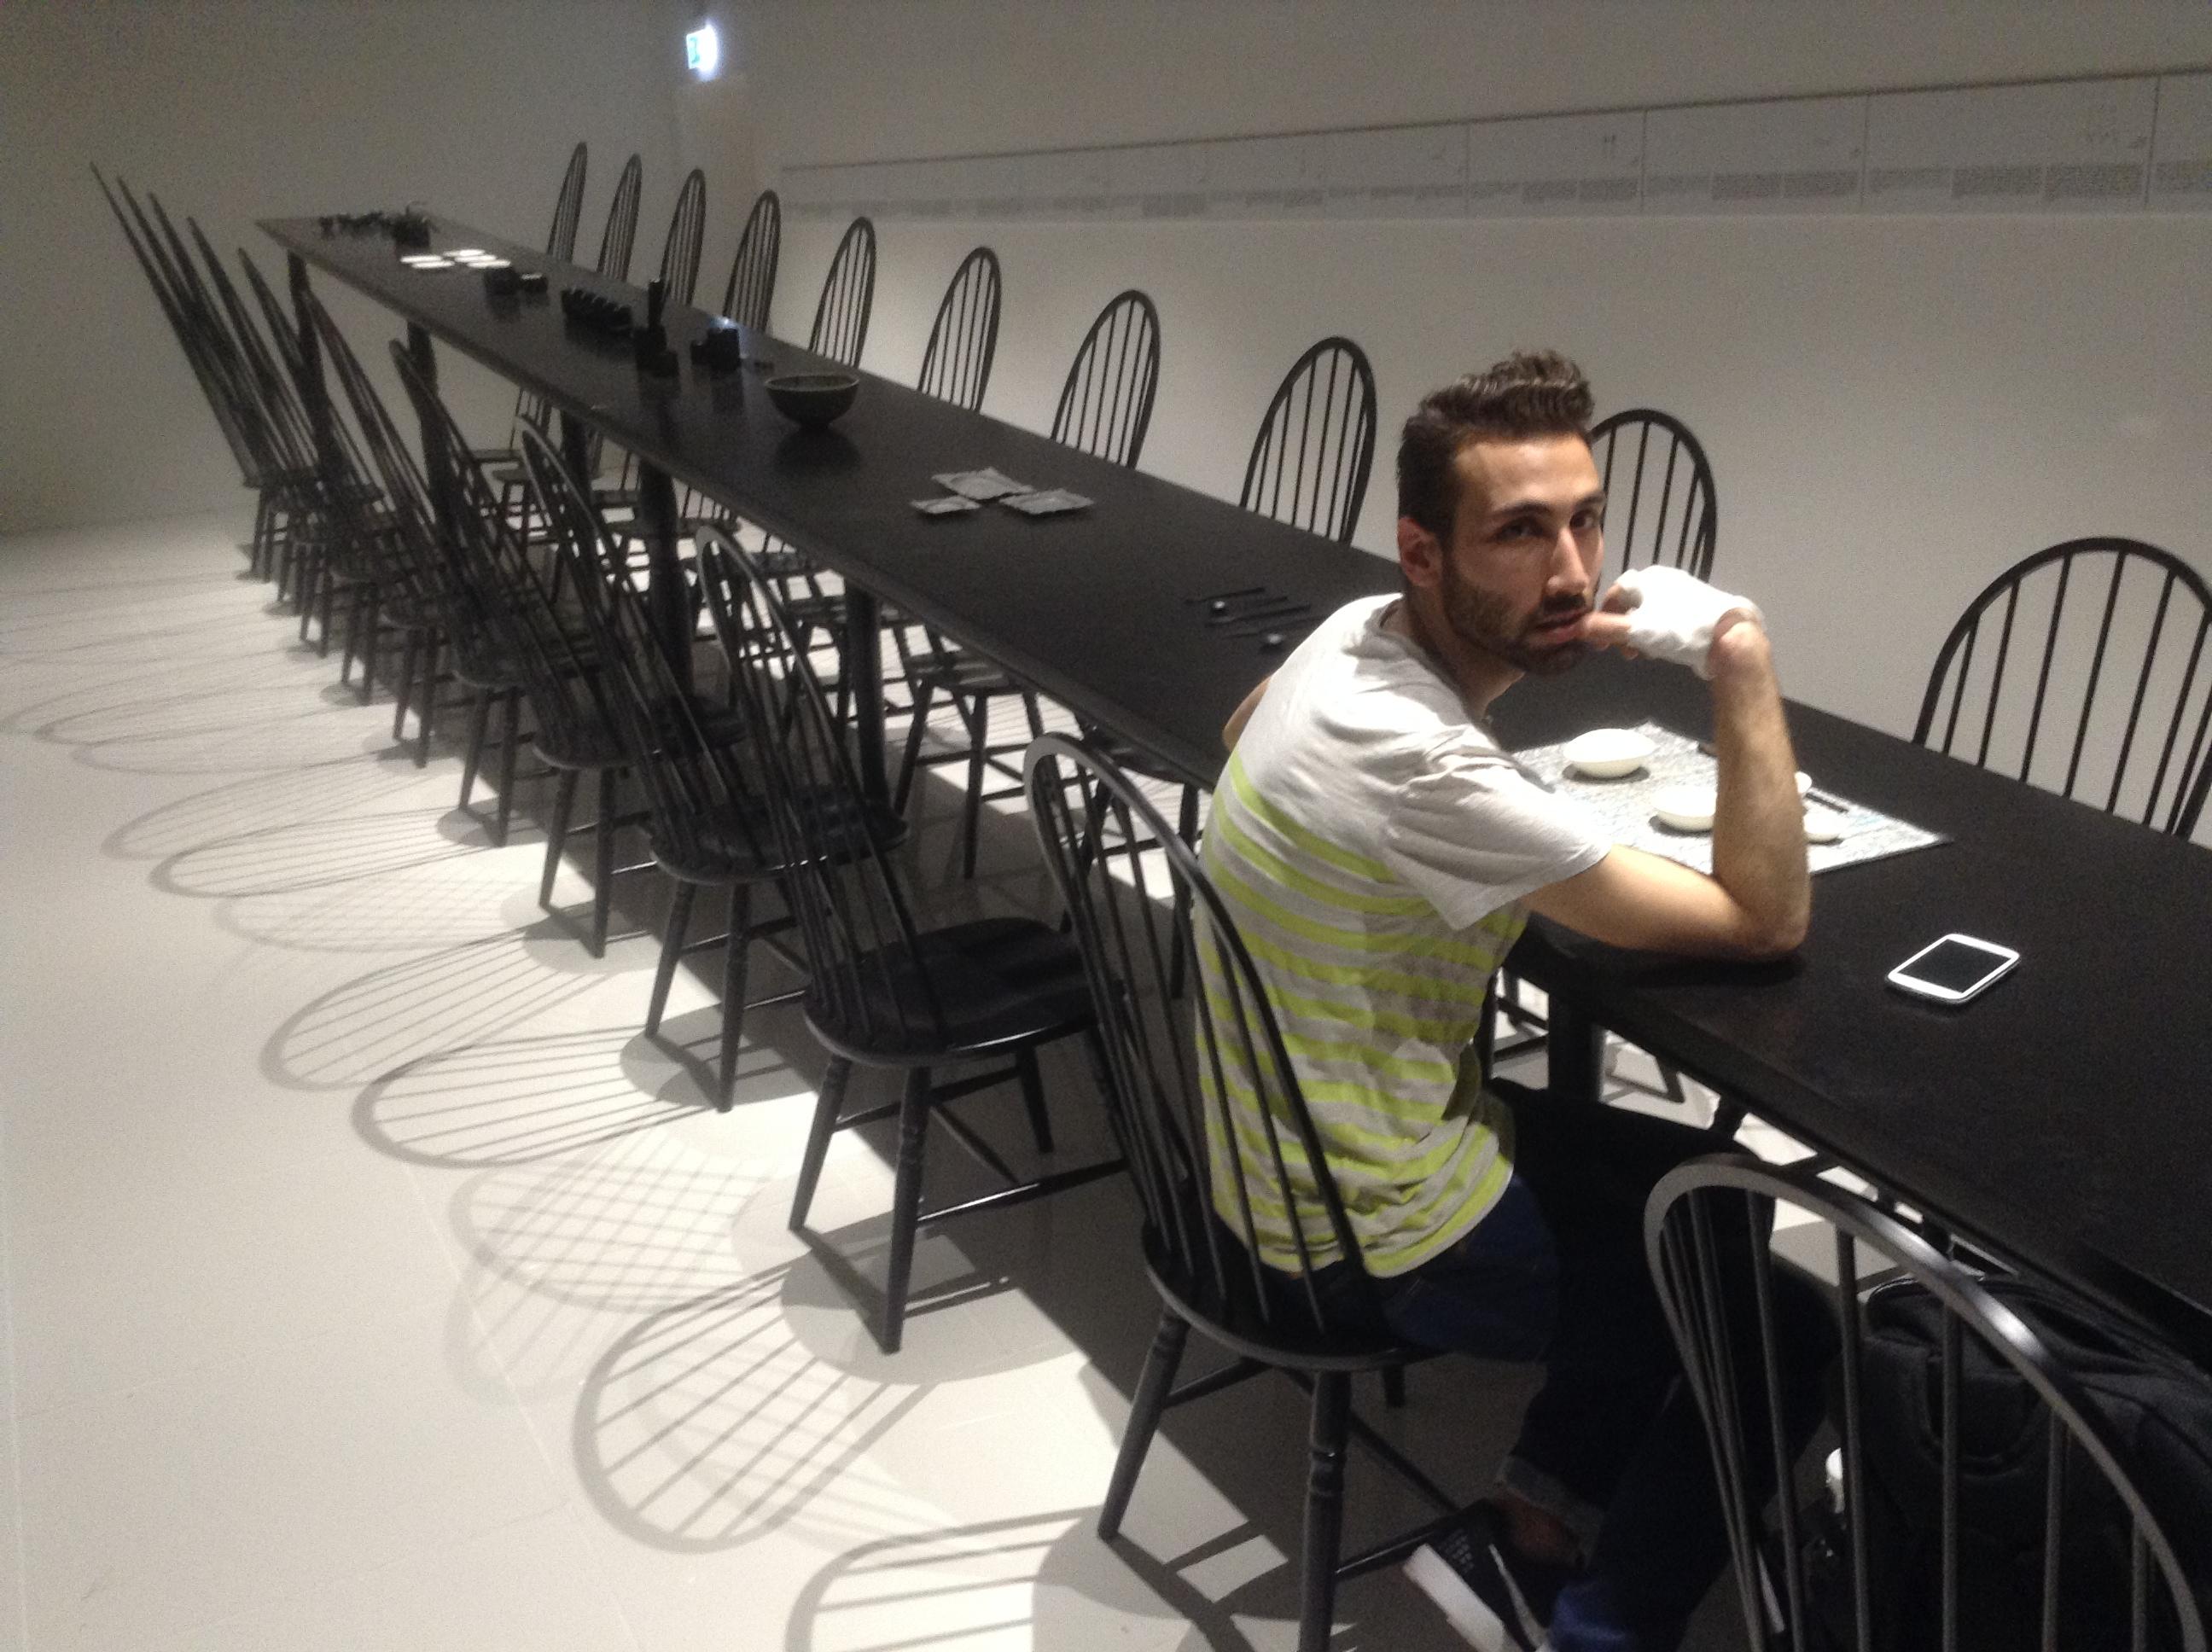 Adi in Japanese pavilion, Milano Expo 2015, MilanKaRaja